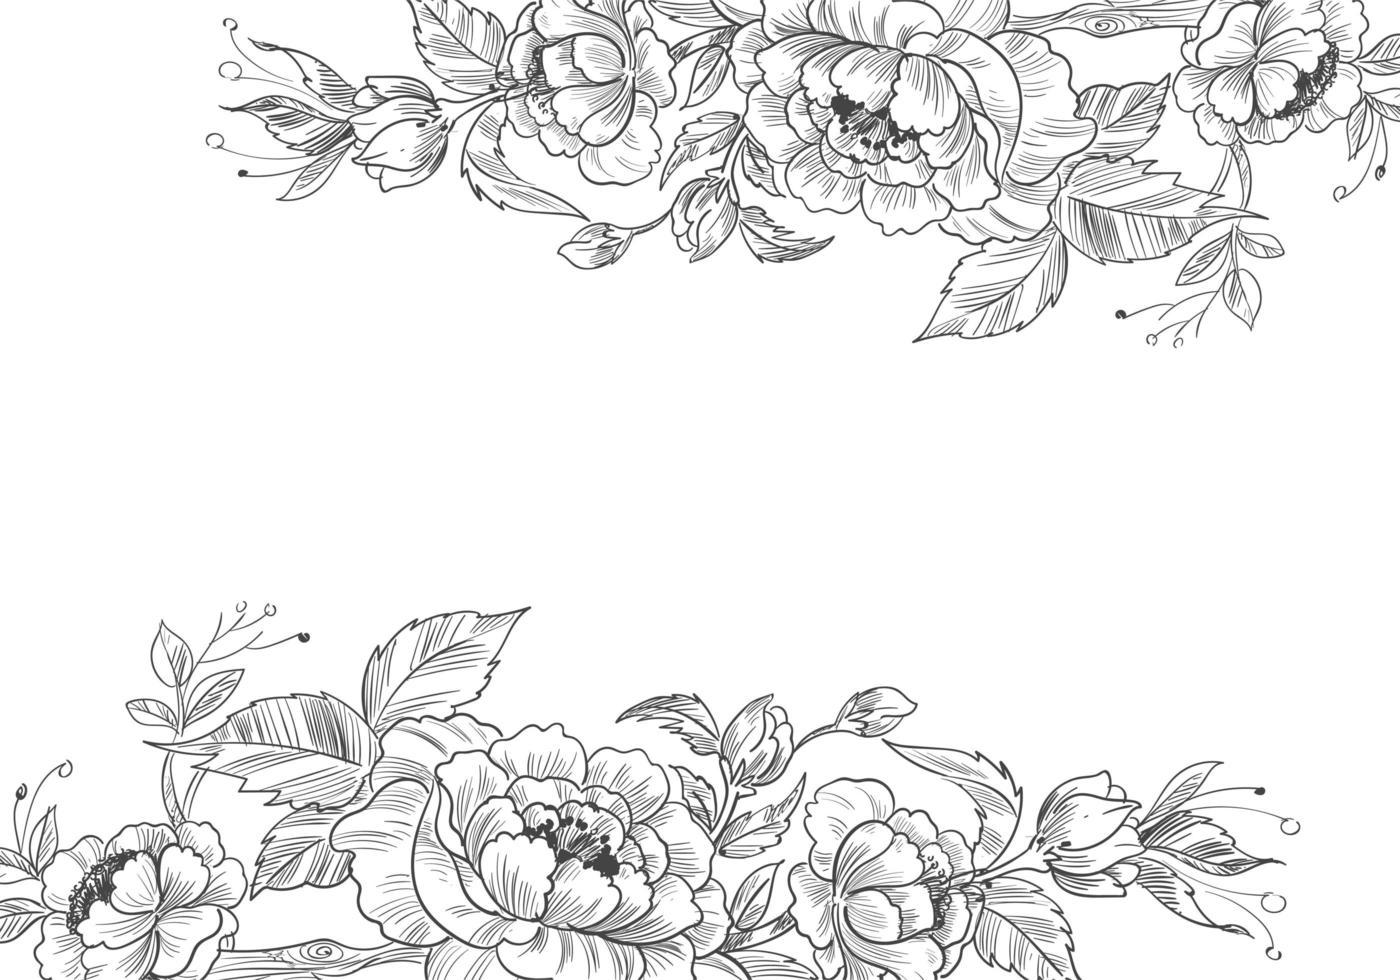 bordures florales décoratives dessinées à la main vecteur